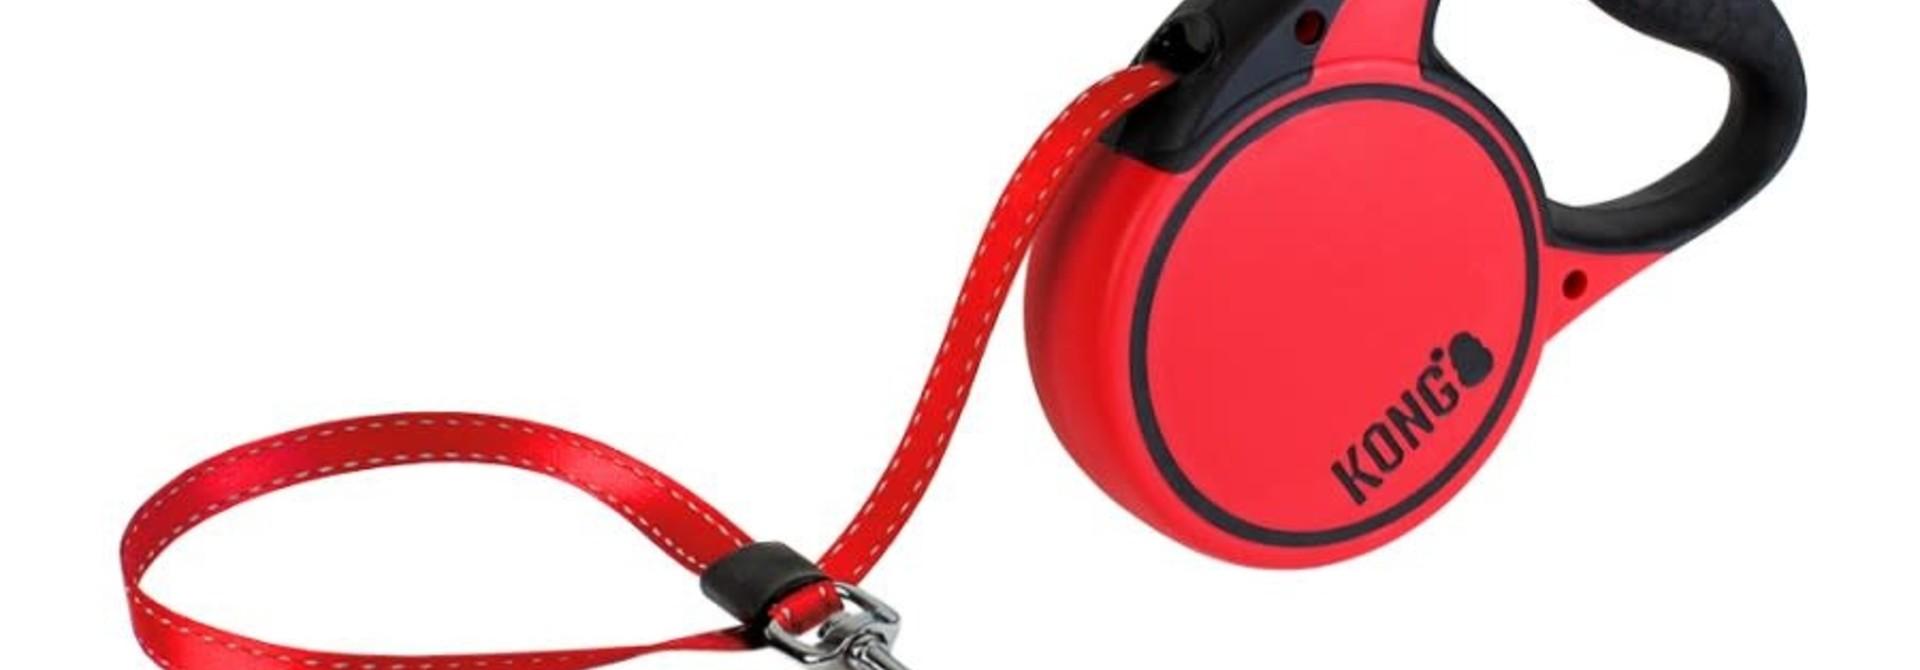 Terrain Retractable Leash- Small - Red